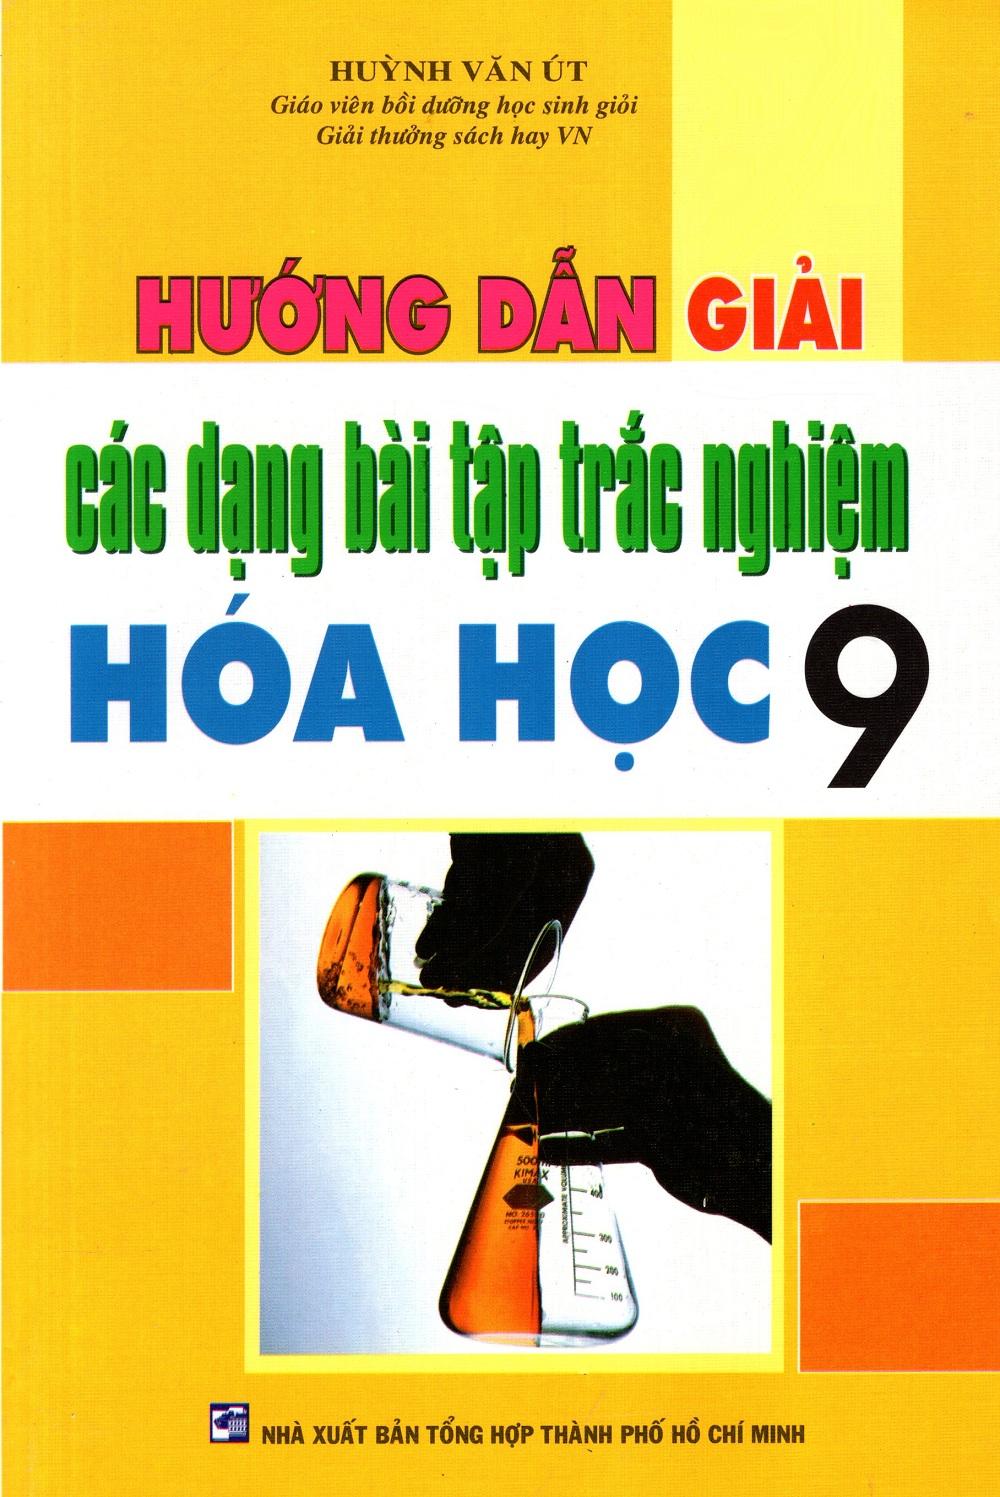 Hướng Dẫn Giải Các Dạng Bài Tập Trắc Nghiệm Hóa Học Lớp 9 (2013) - 2482474458316,62_826188,56000,tiki.vn,Huong-Dan-Giai-Cac-Dang-Bai-Tap-Trac-Nghiem-Hoa-Hoc-Lop-9-2013-62_826188,Hướng Dẫn Giải Các Dạng Bài Tập Trắc Nghiệm Hóa Học Lớp 9 (2013)